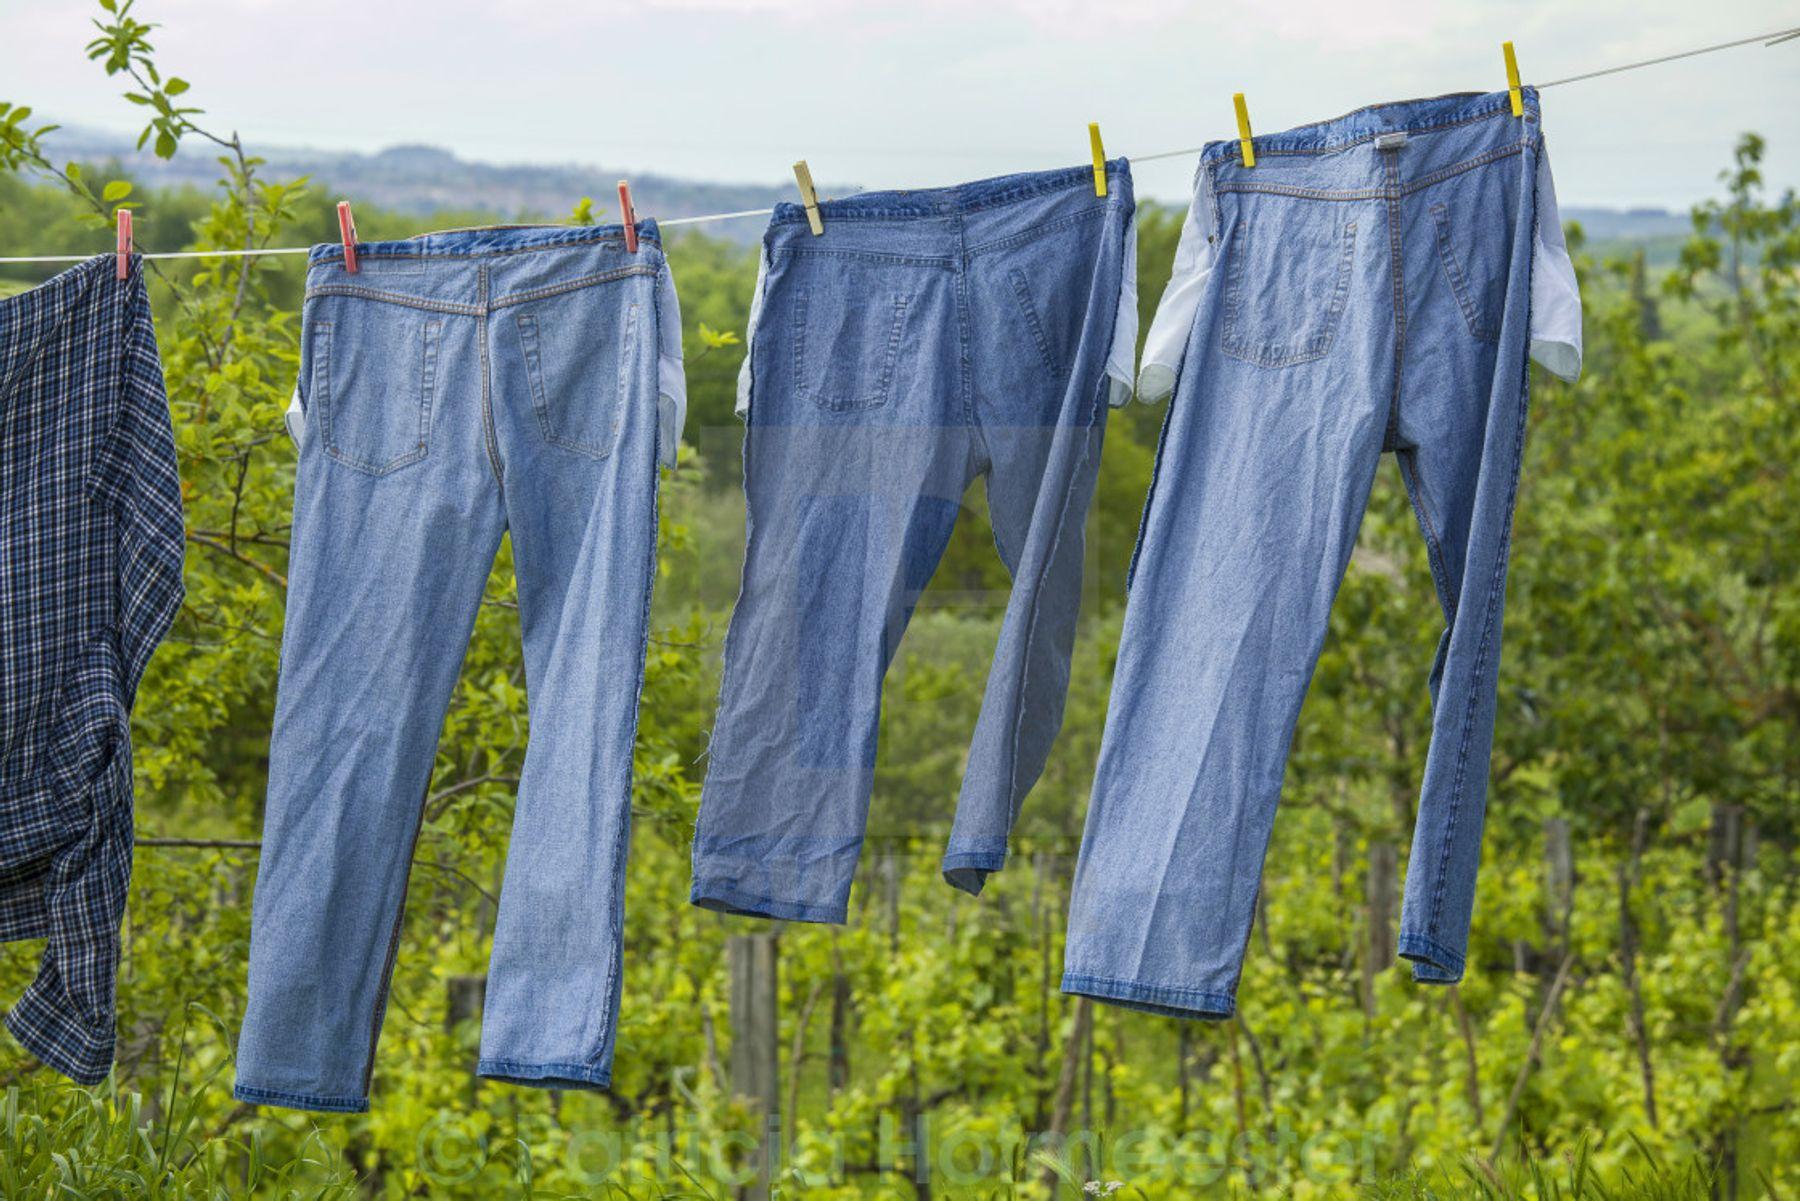 Tránh phơi quần jean dưới ánh nắng mặt trời trực tiếp